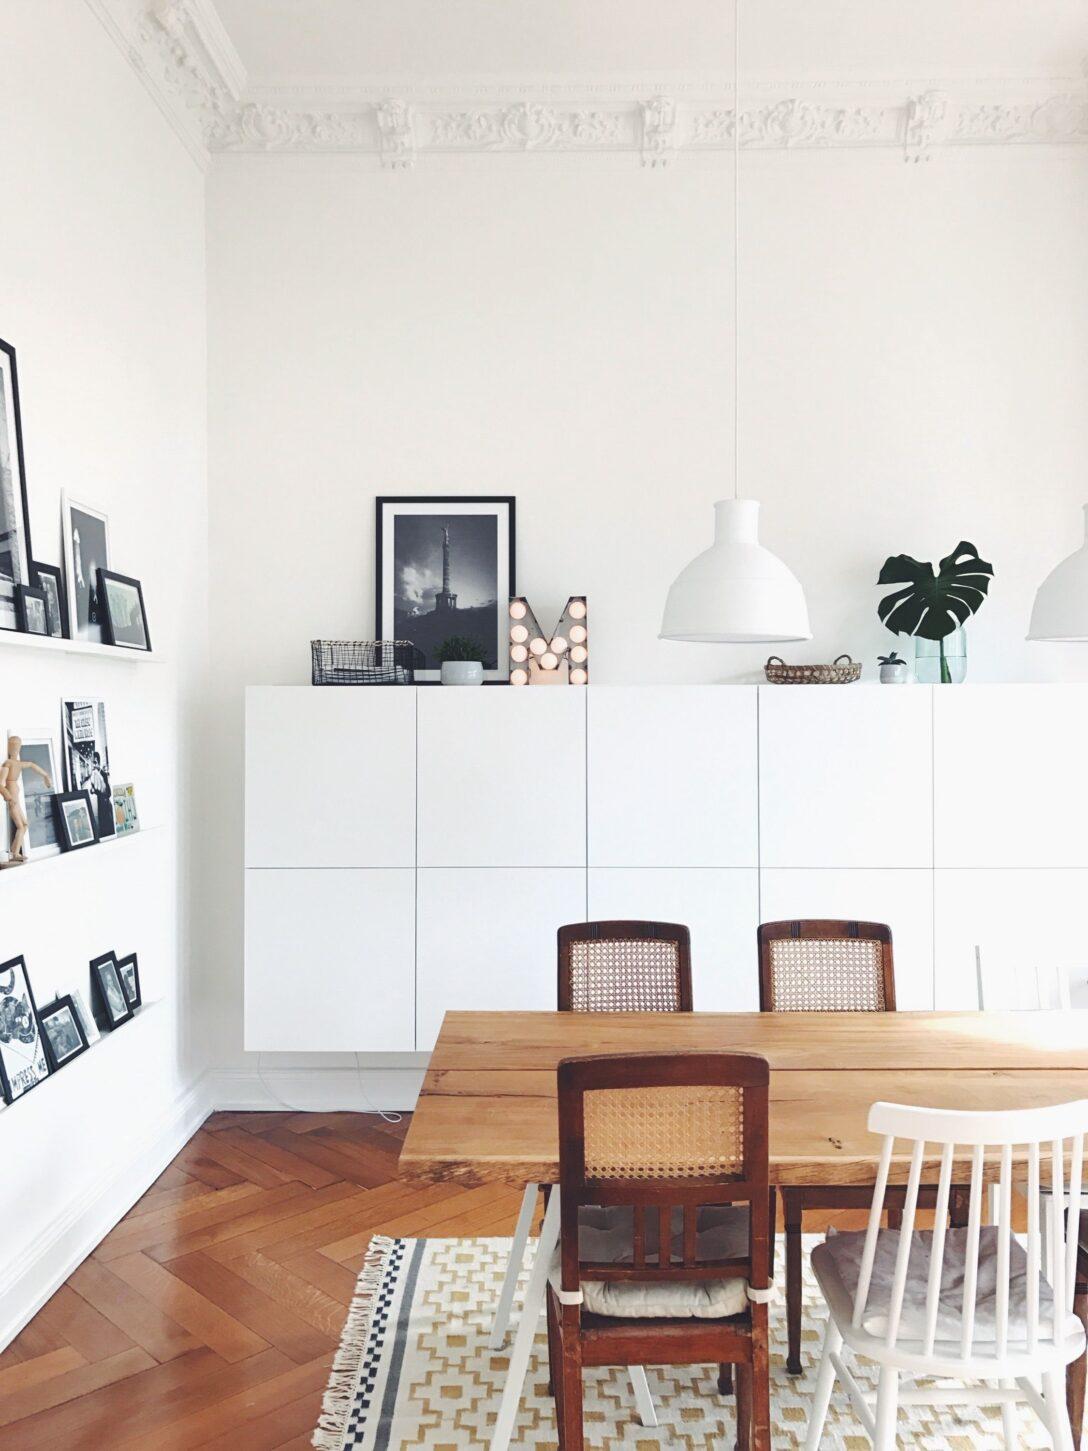 Large Size of Wohnzimmerschränke Ikea Hereinspaziert 10 Neue Wohnungseinblicke Wohnung Esszimmer Modulküche Küche Kaufen Kosten Betten Bei Miniküche Sofa Mit Wohnzimmer Wohnzimmerschränke Ikea